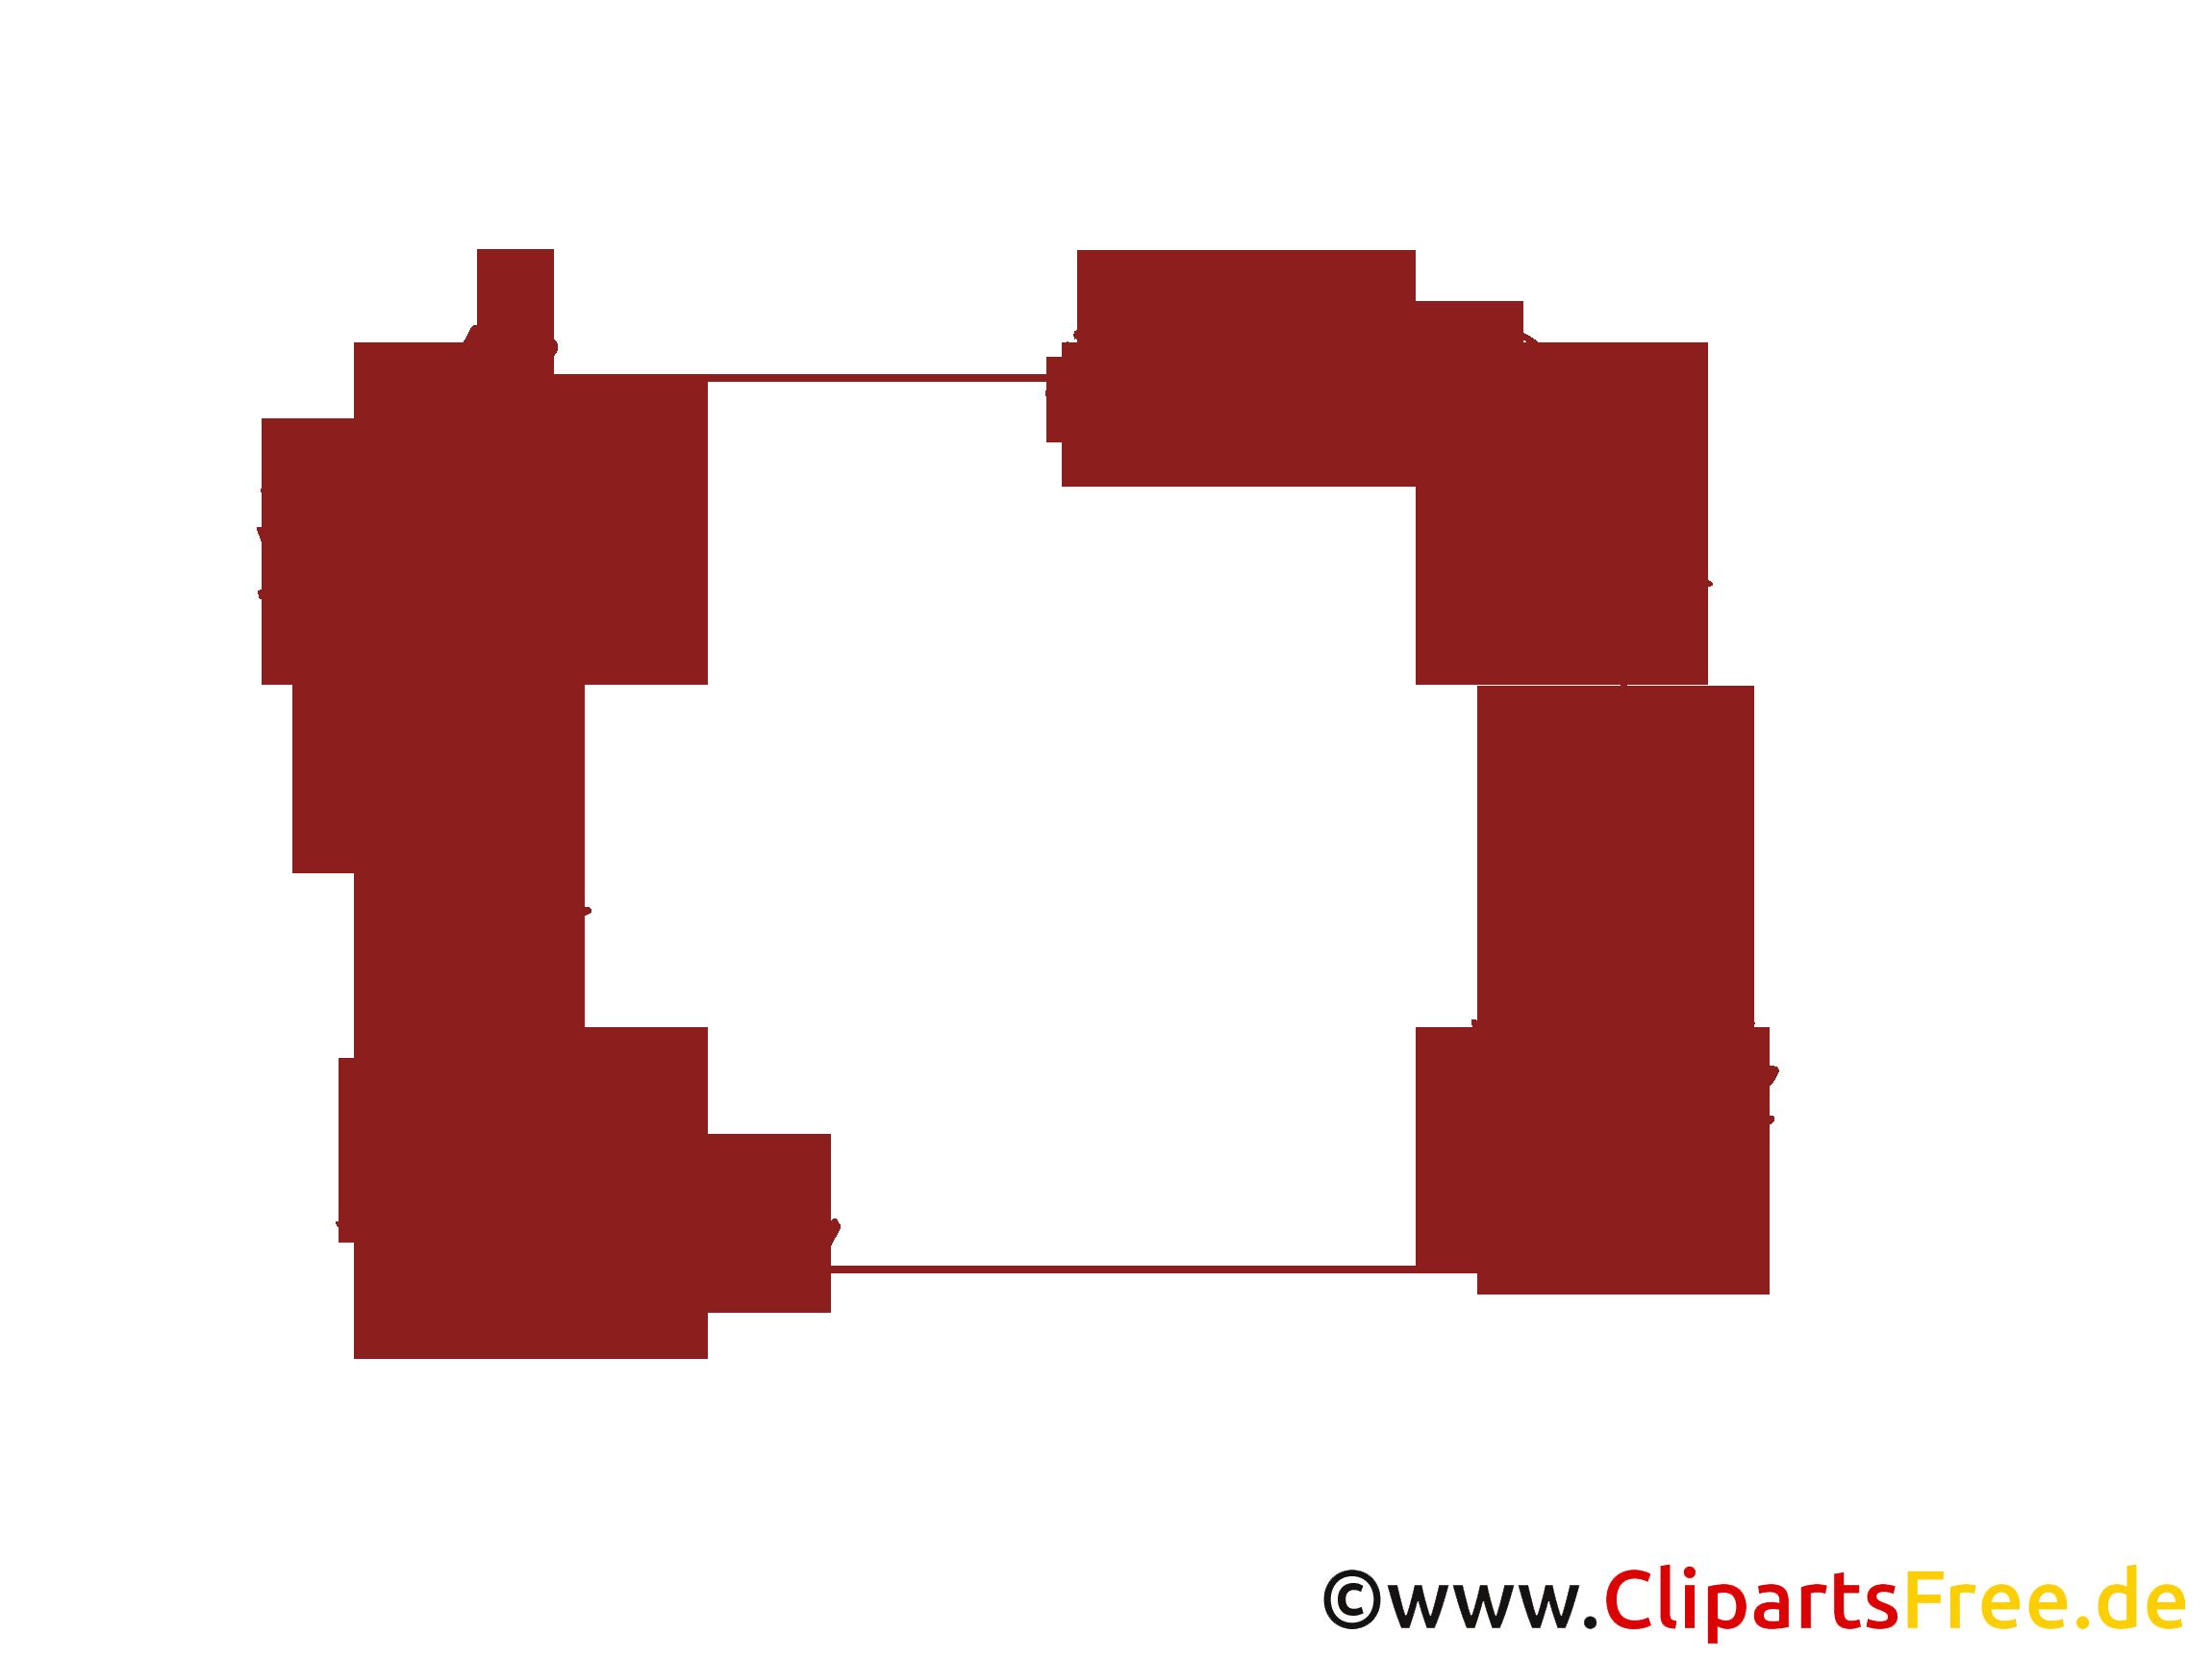 Einladung clipart schwarz wei png free Blumenranke ecke clipart - ClipartFest png free